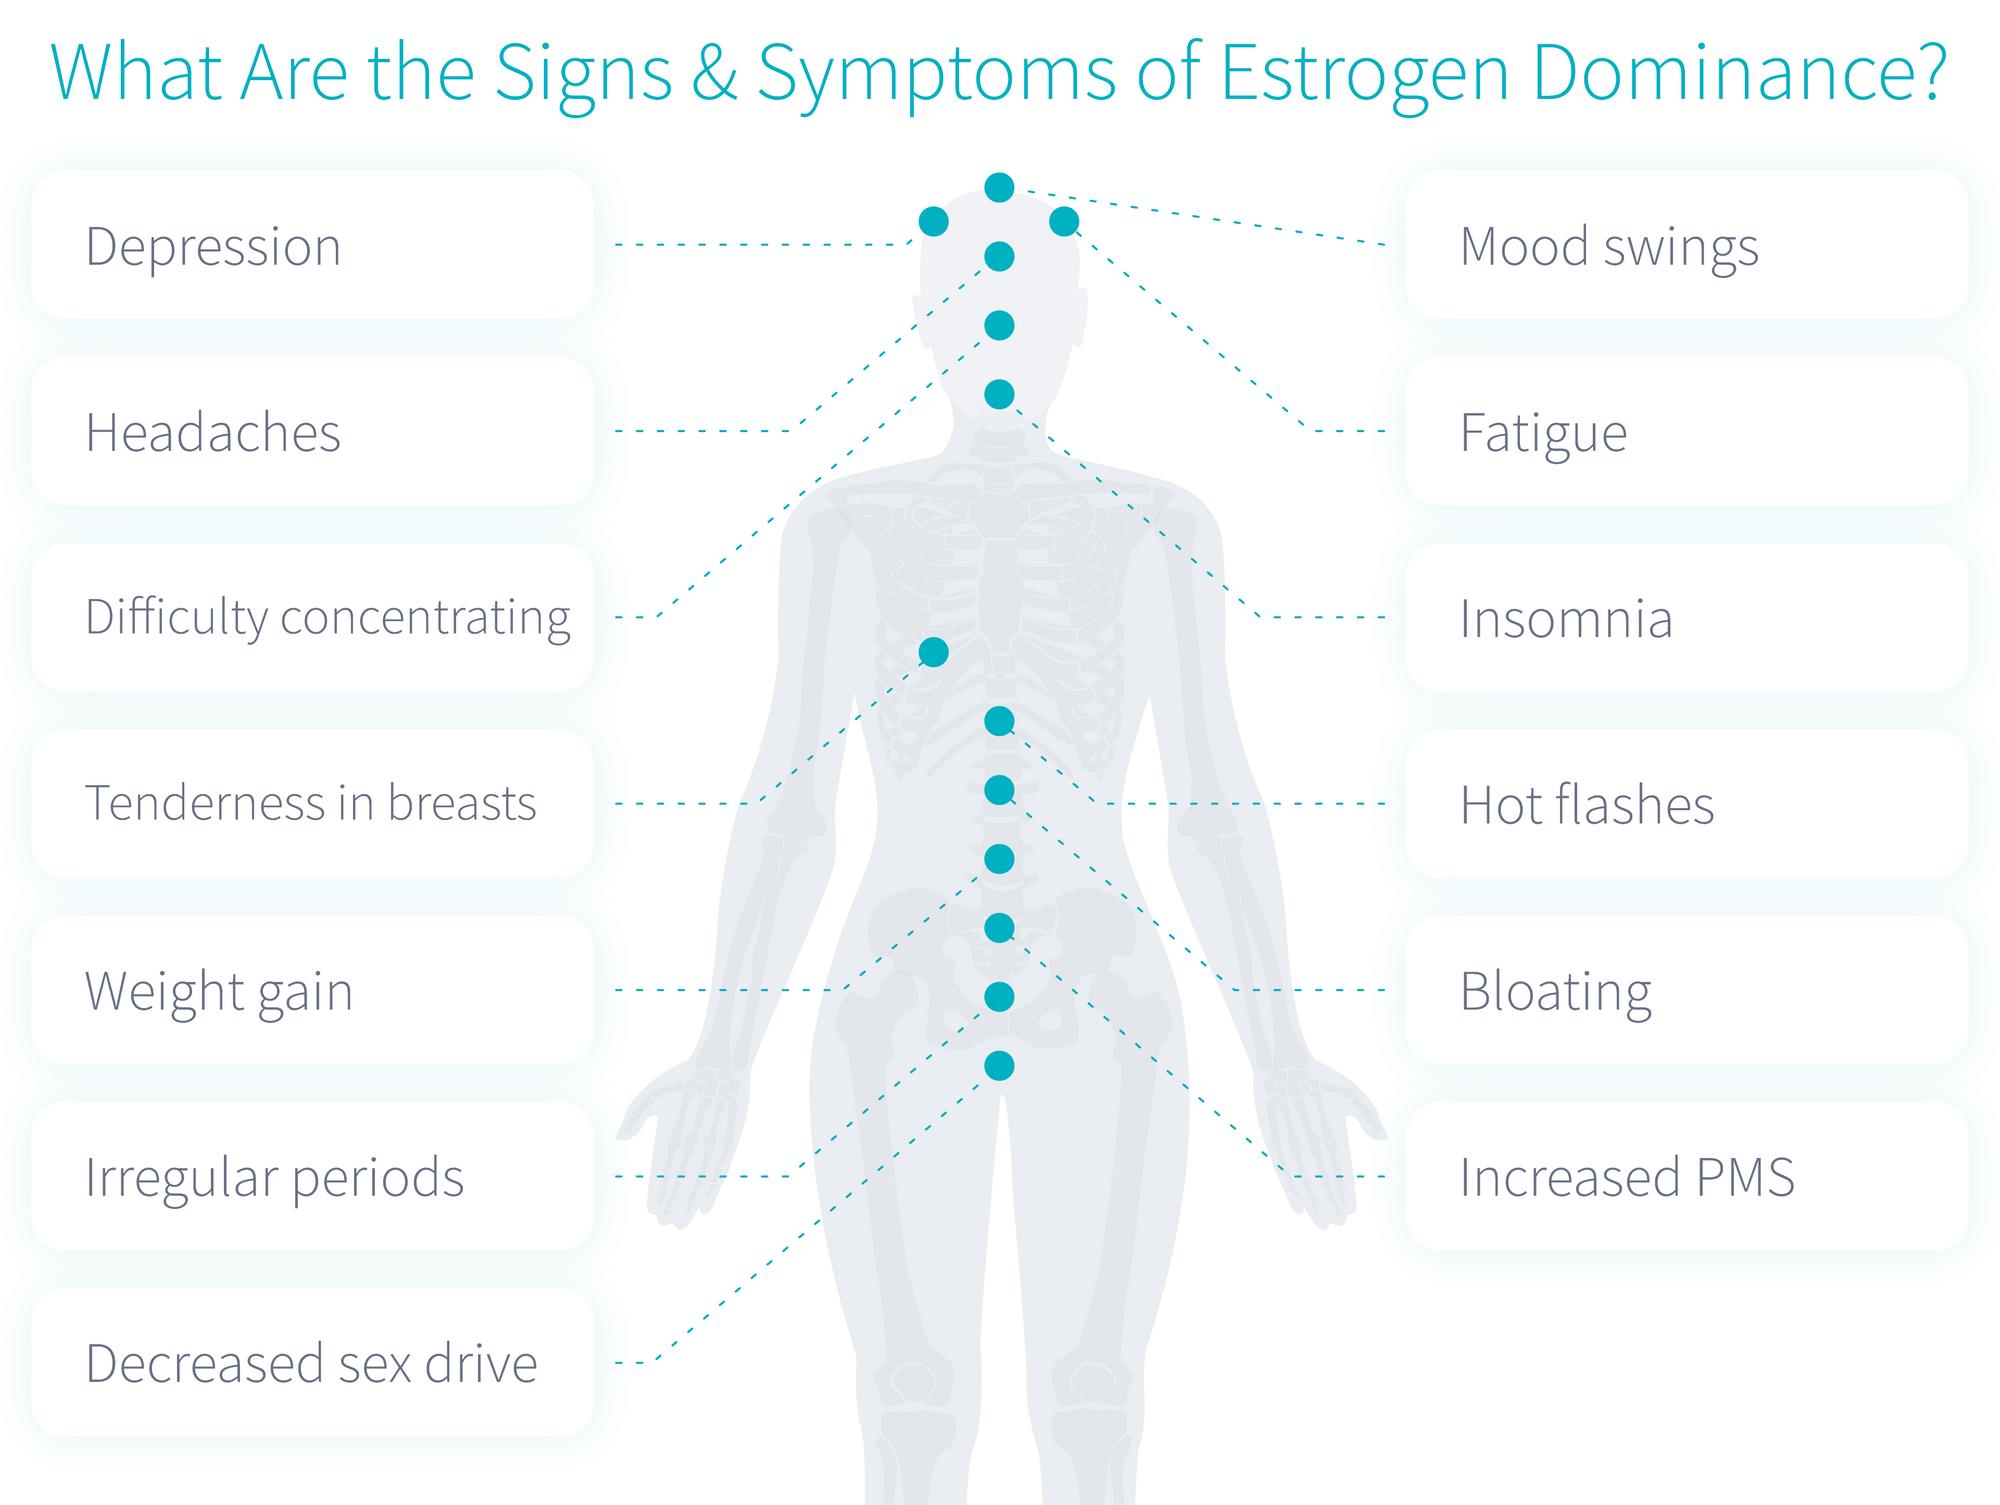 estrogen-the-signs-and-symptoms-of-estrogen-dominance-illustration-1